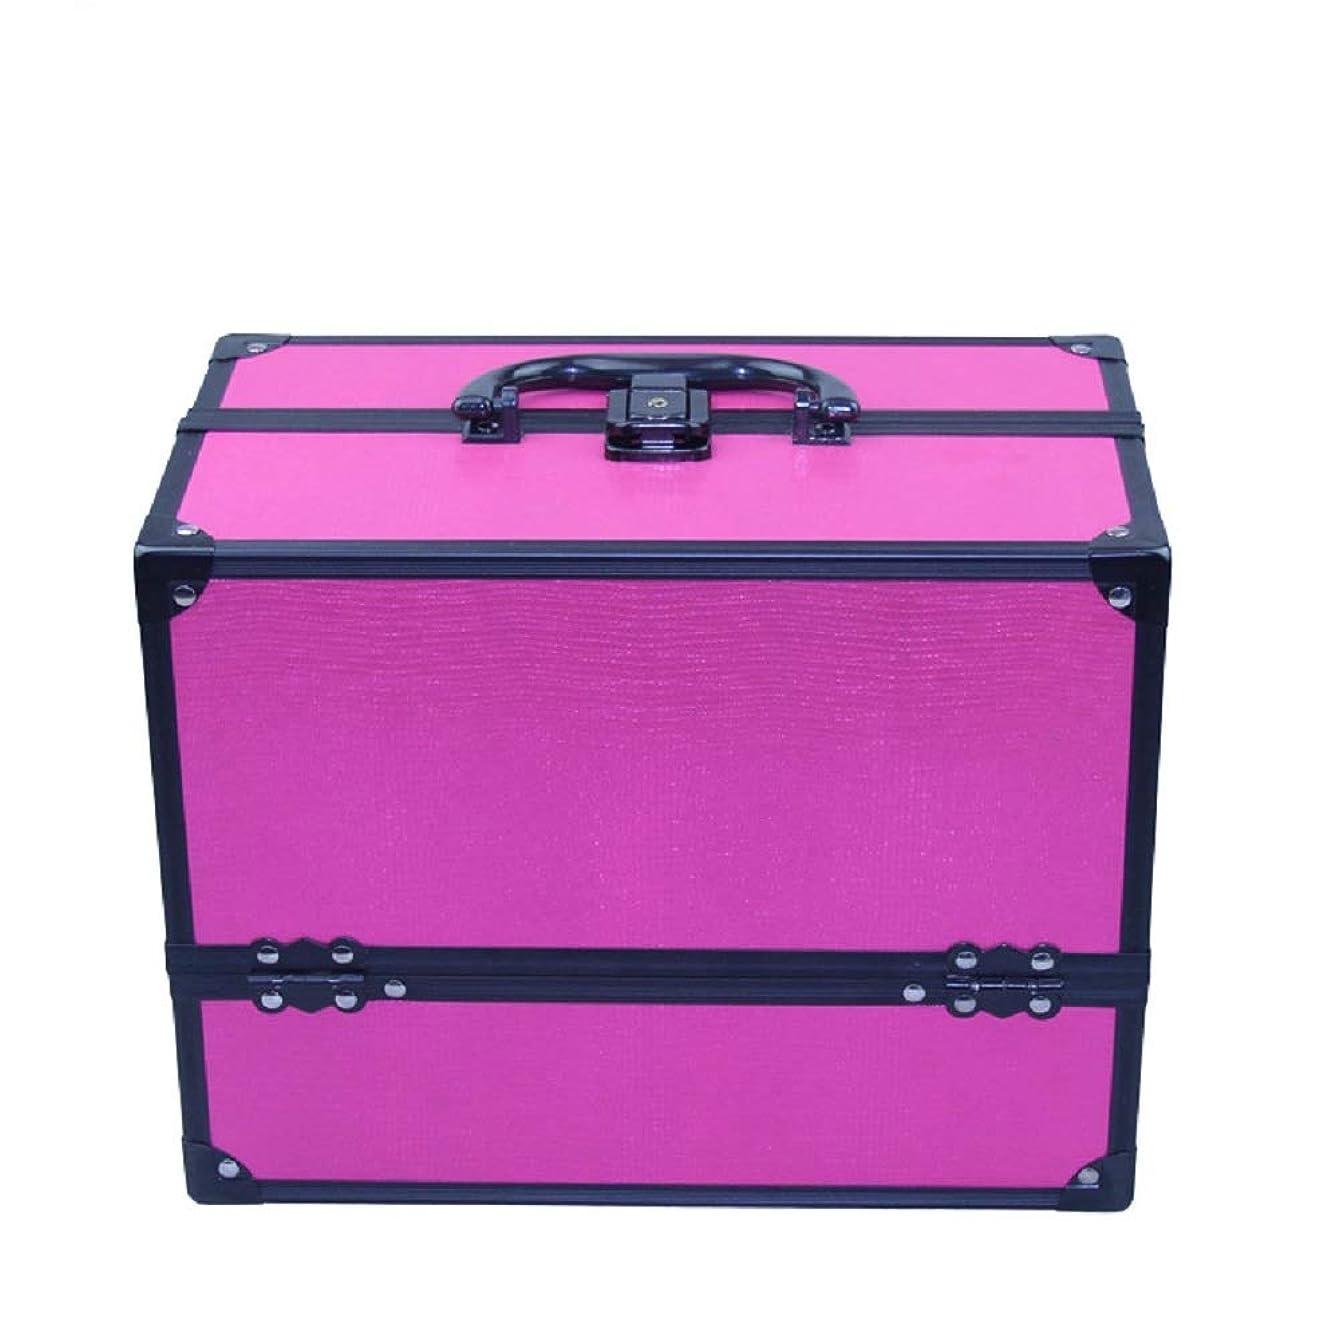 媒染剤呼吸する無駄だ化粧オーガナイザーバッグ 純粋な色のポータブル化粧品ケーストラベルアクセサリーシャンプーボディウォッシュパーソナルアイテムストレージロックとスライディングトレイ 化粧品ケース